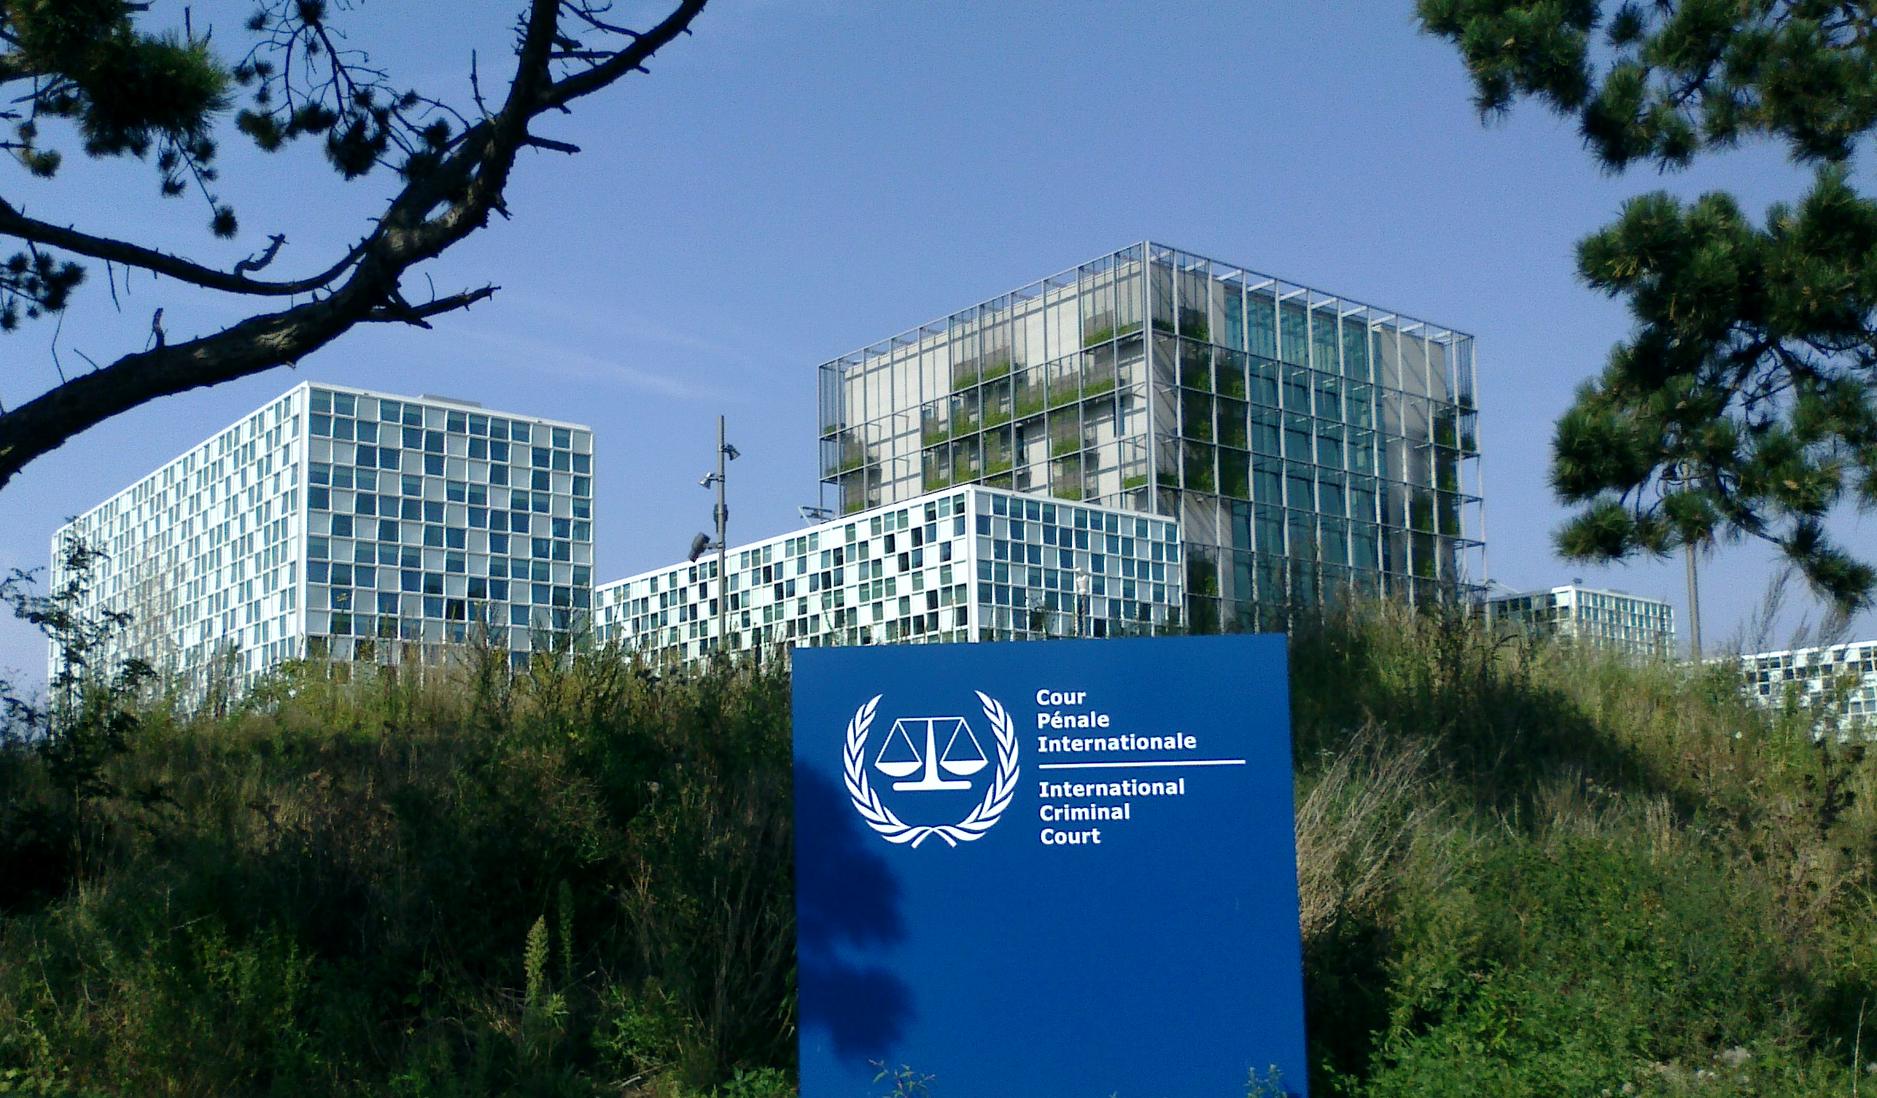 O Tribunal Penal Internacional preso na teia do poder e da política